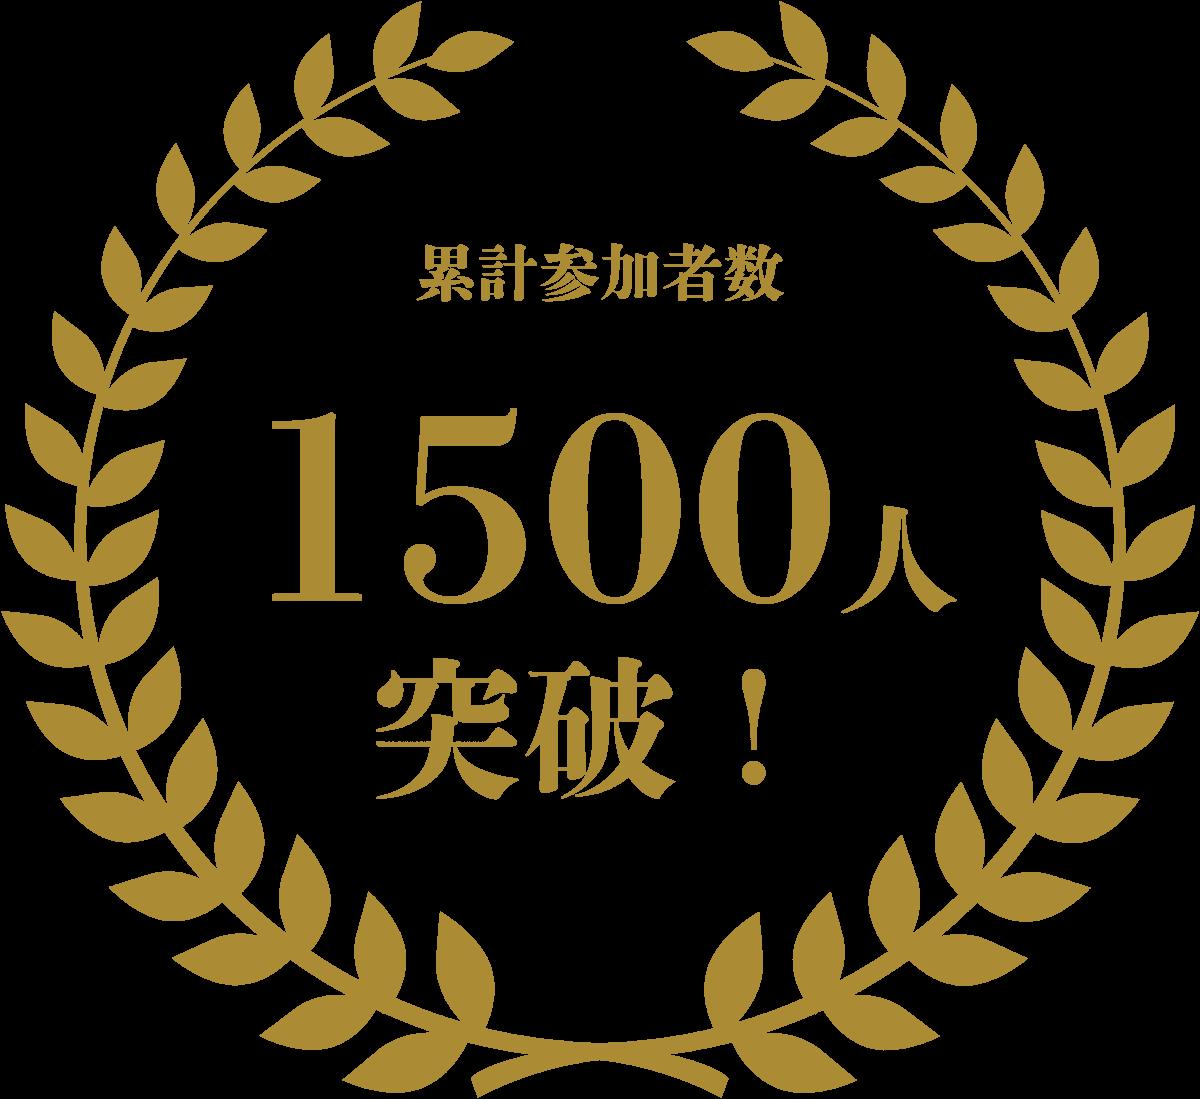 2,500人突破!